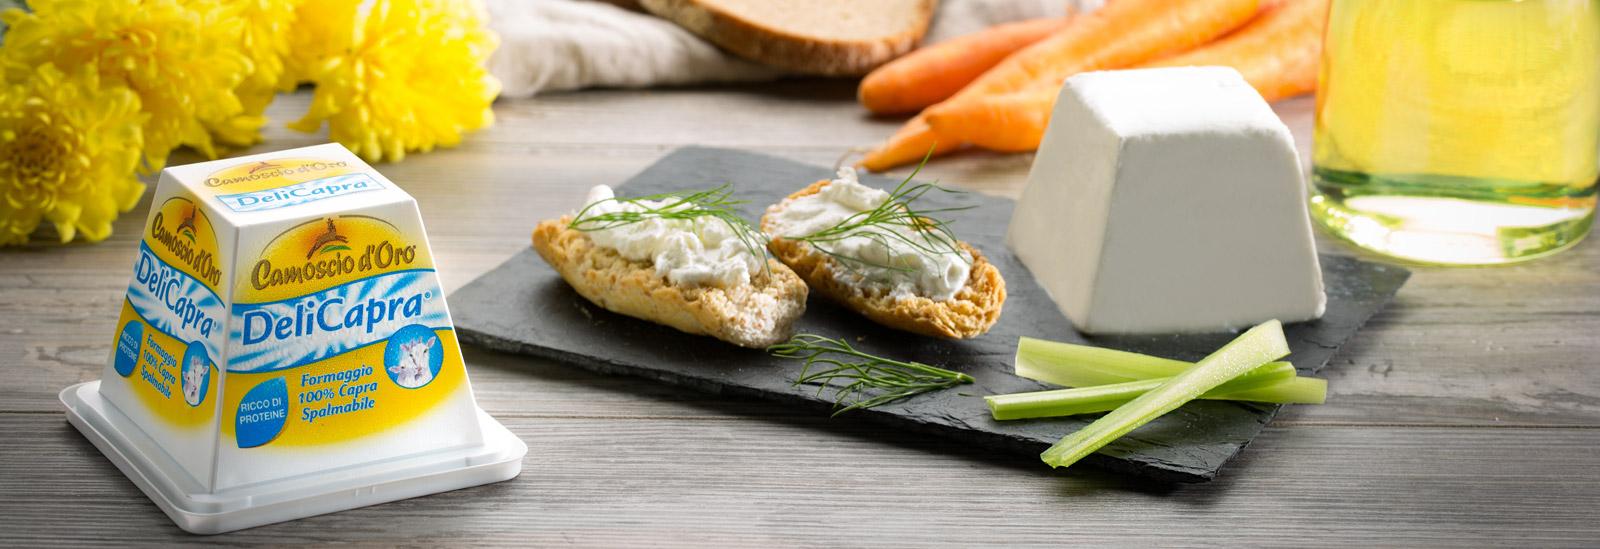 formaggio di capra DeliCapra Spalmabile